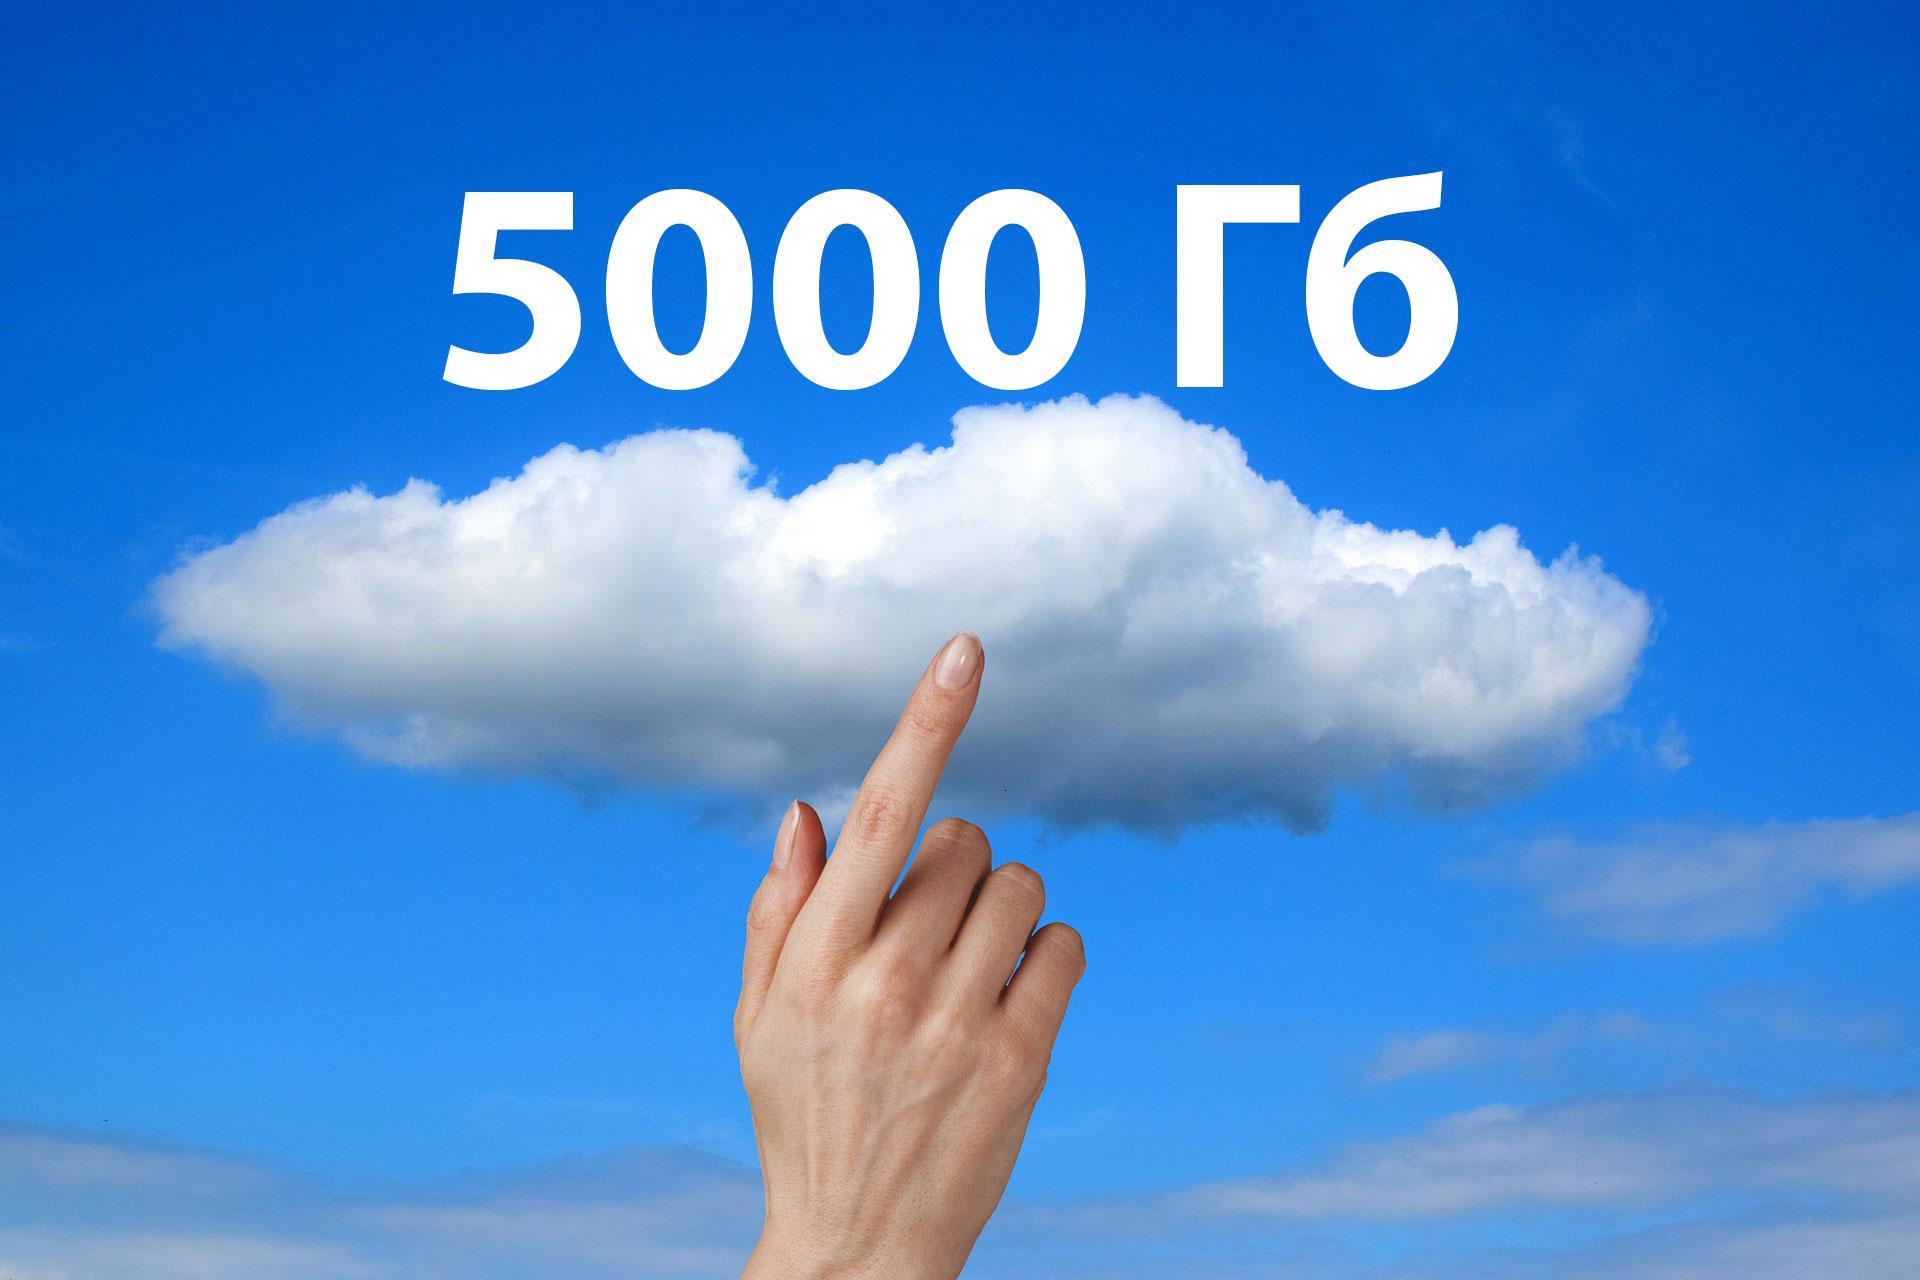 Сервис раздаёт 5 Тббесплатного облачного пространства для хранения файлов